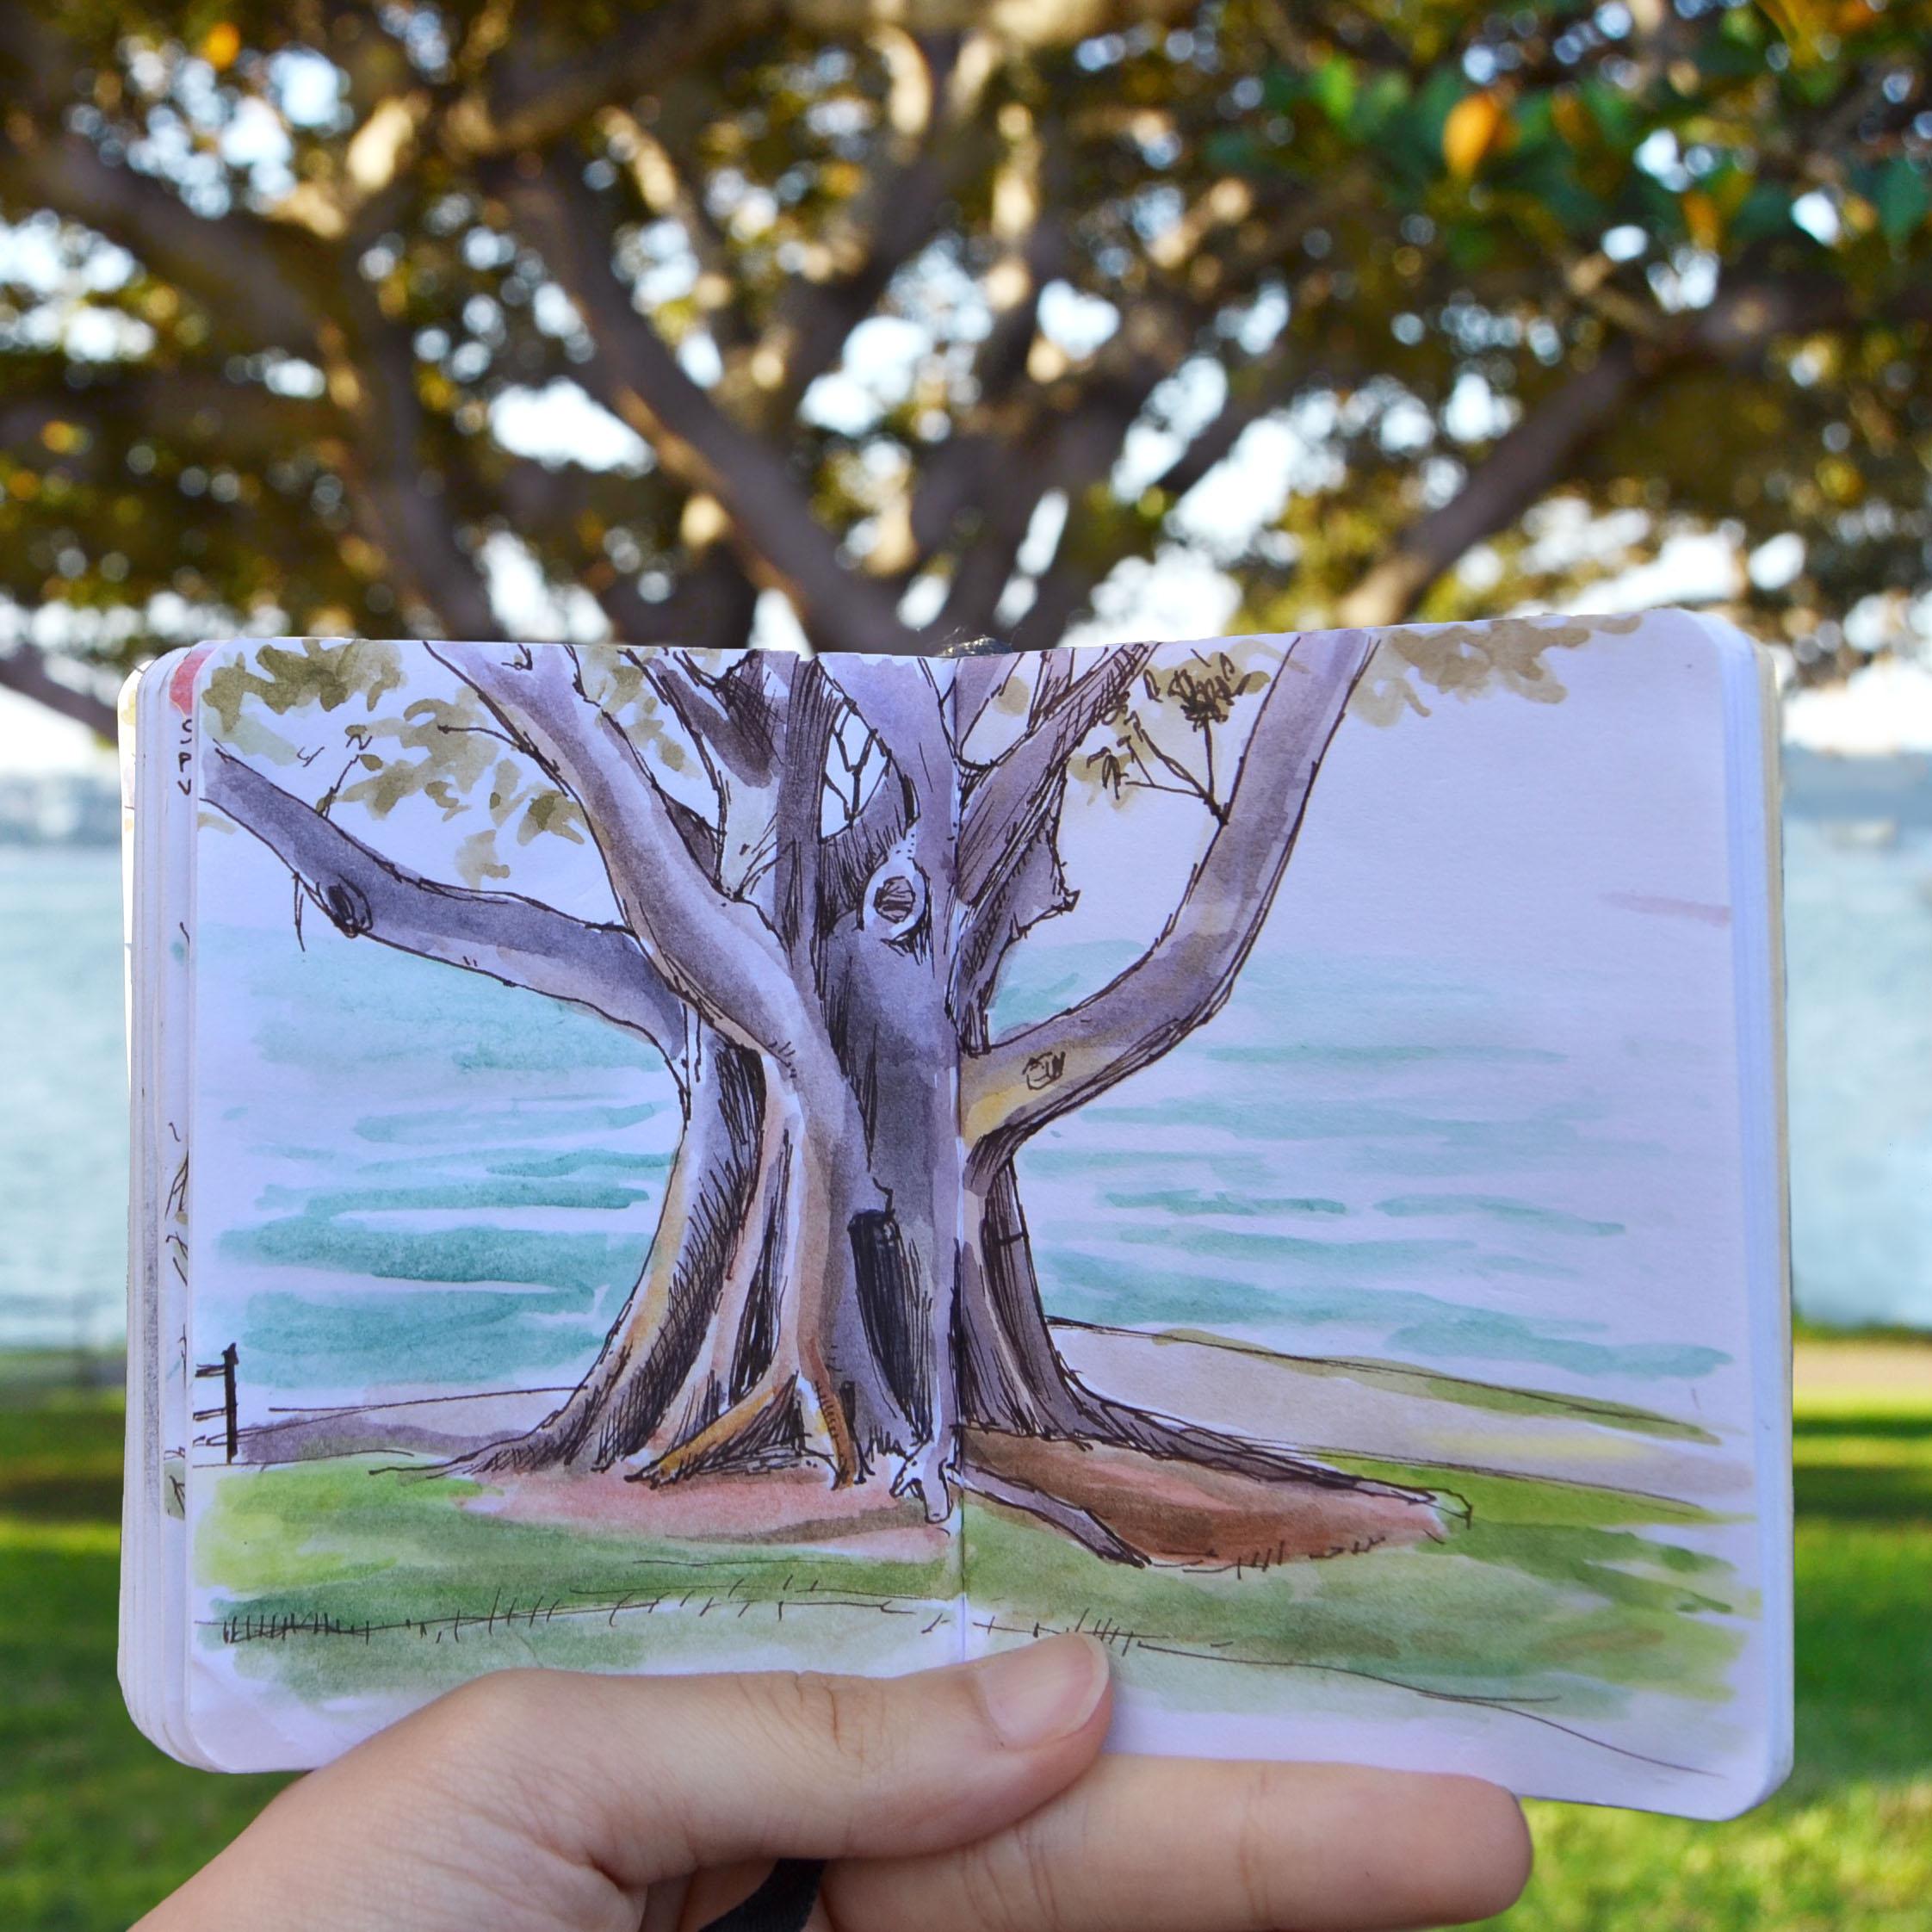 treeByTheSea.jpg